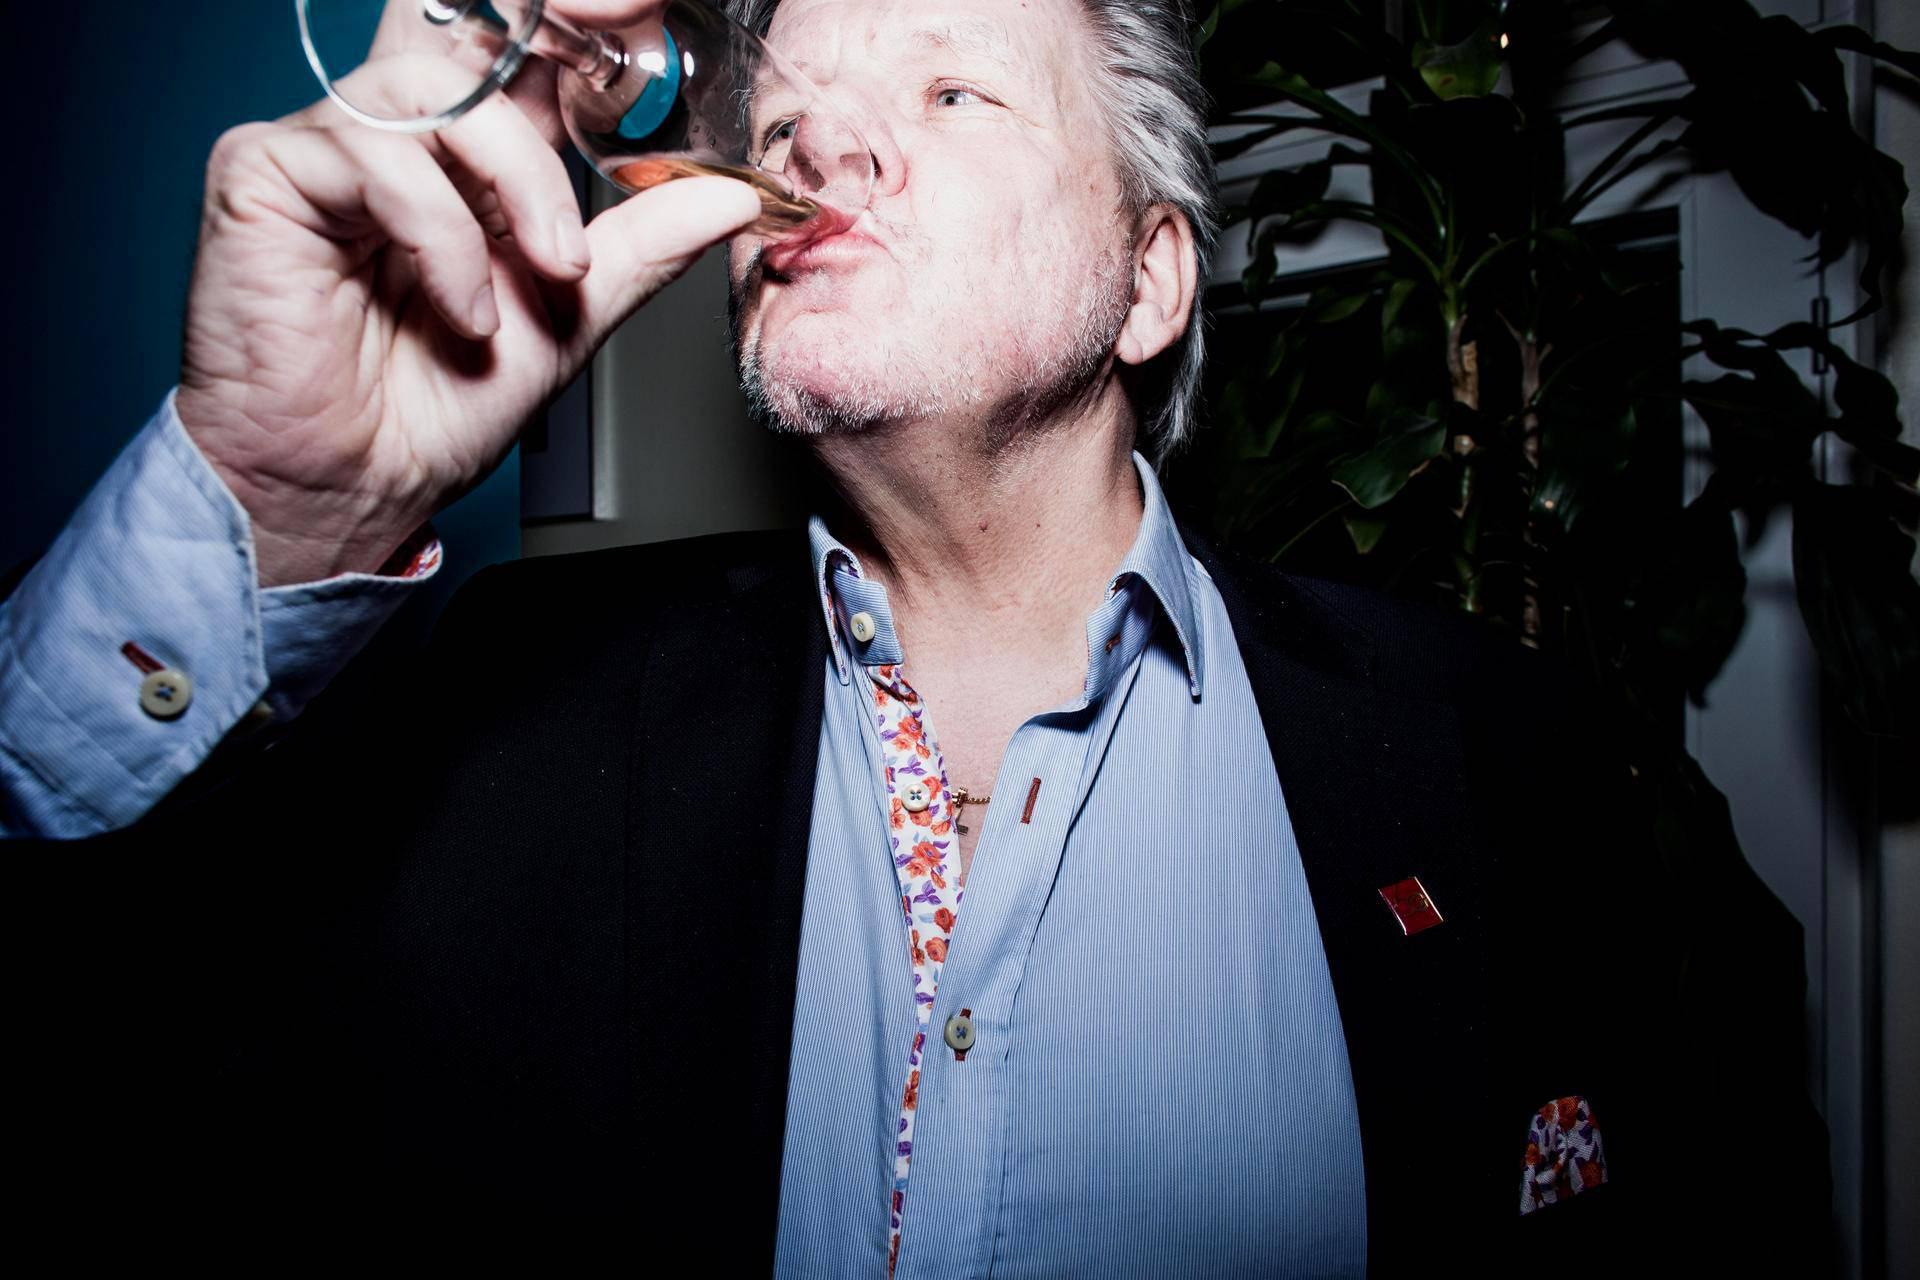 Ahola Transportin toimitusjohtaja Hans Ahola juhlisti pörssiin liittymistä juomalla lasillisen alkoholitonta kuusenkerkästä tehtyä kuohuviiniä.